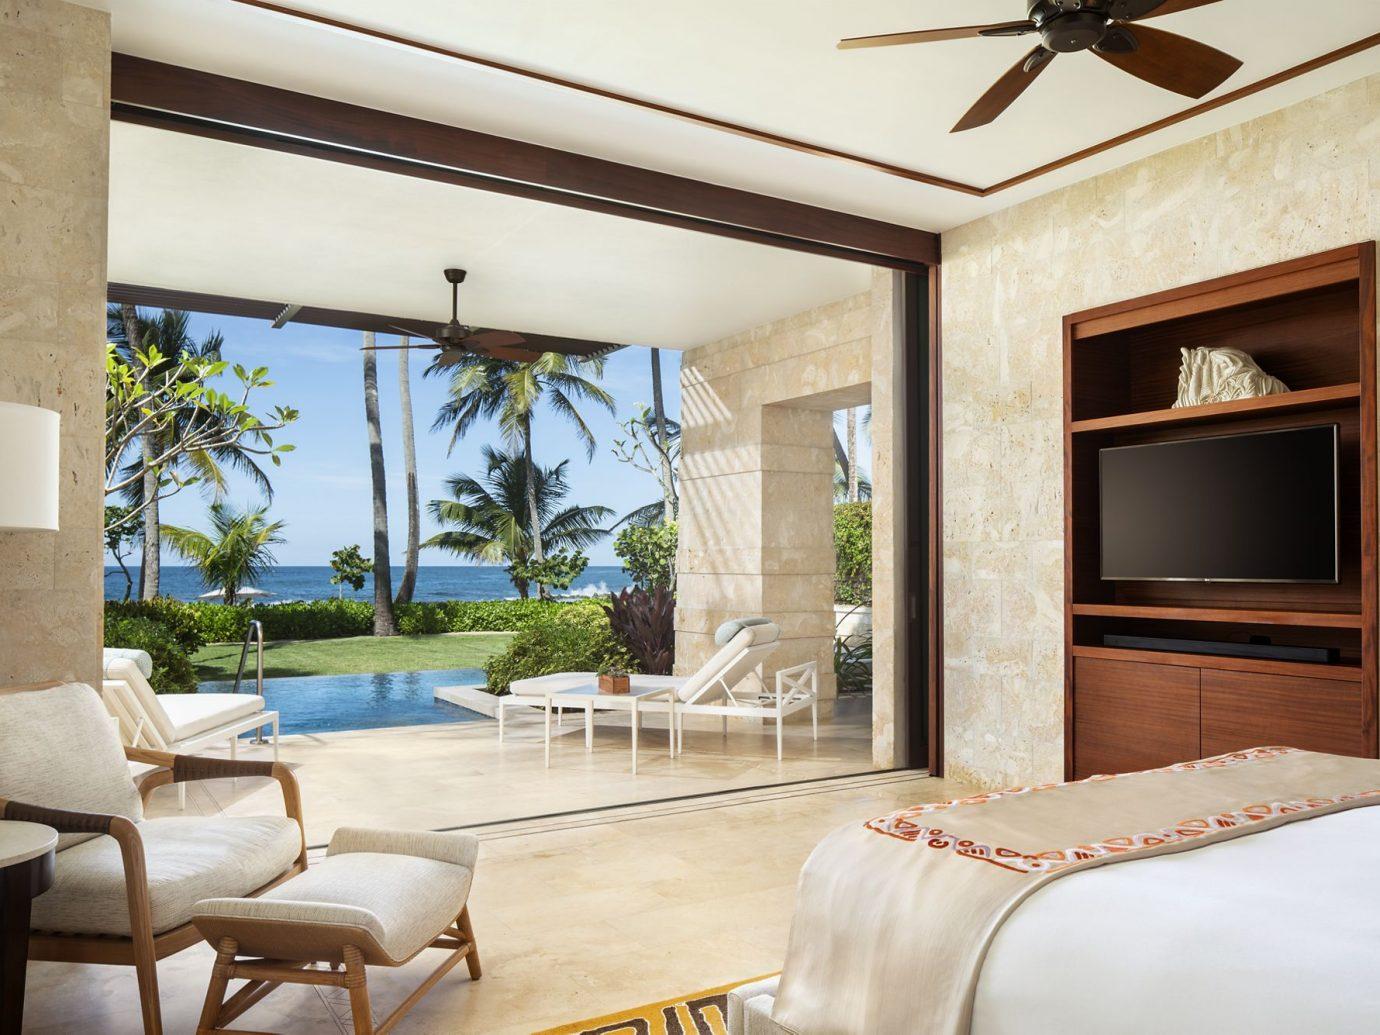 Bedroom of Dorado Beach in Puerto Rico